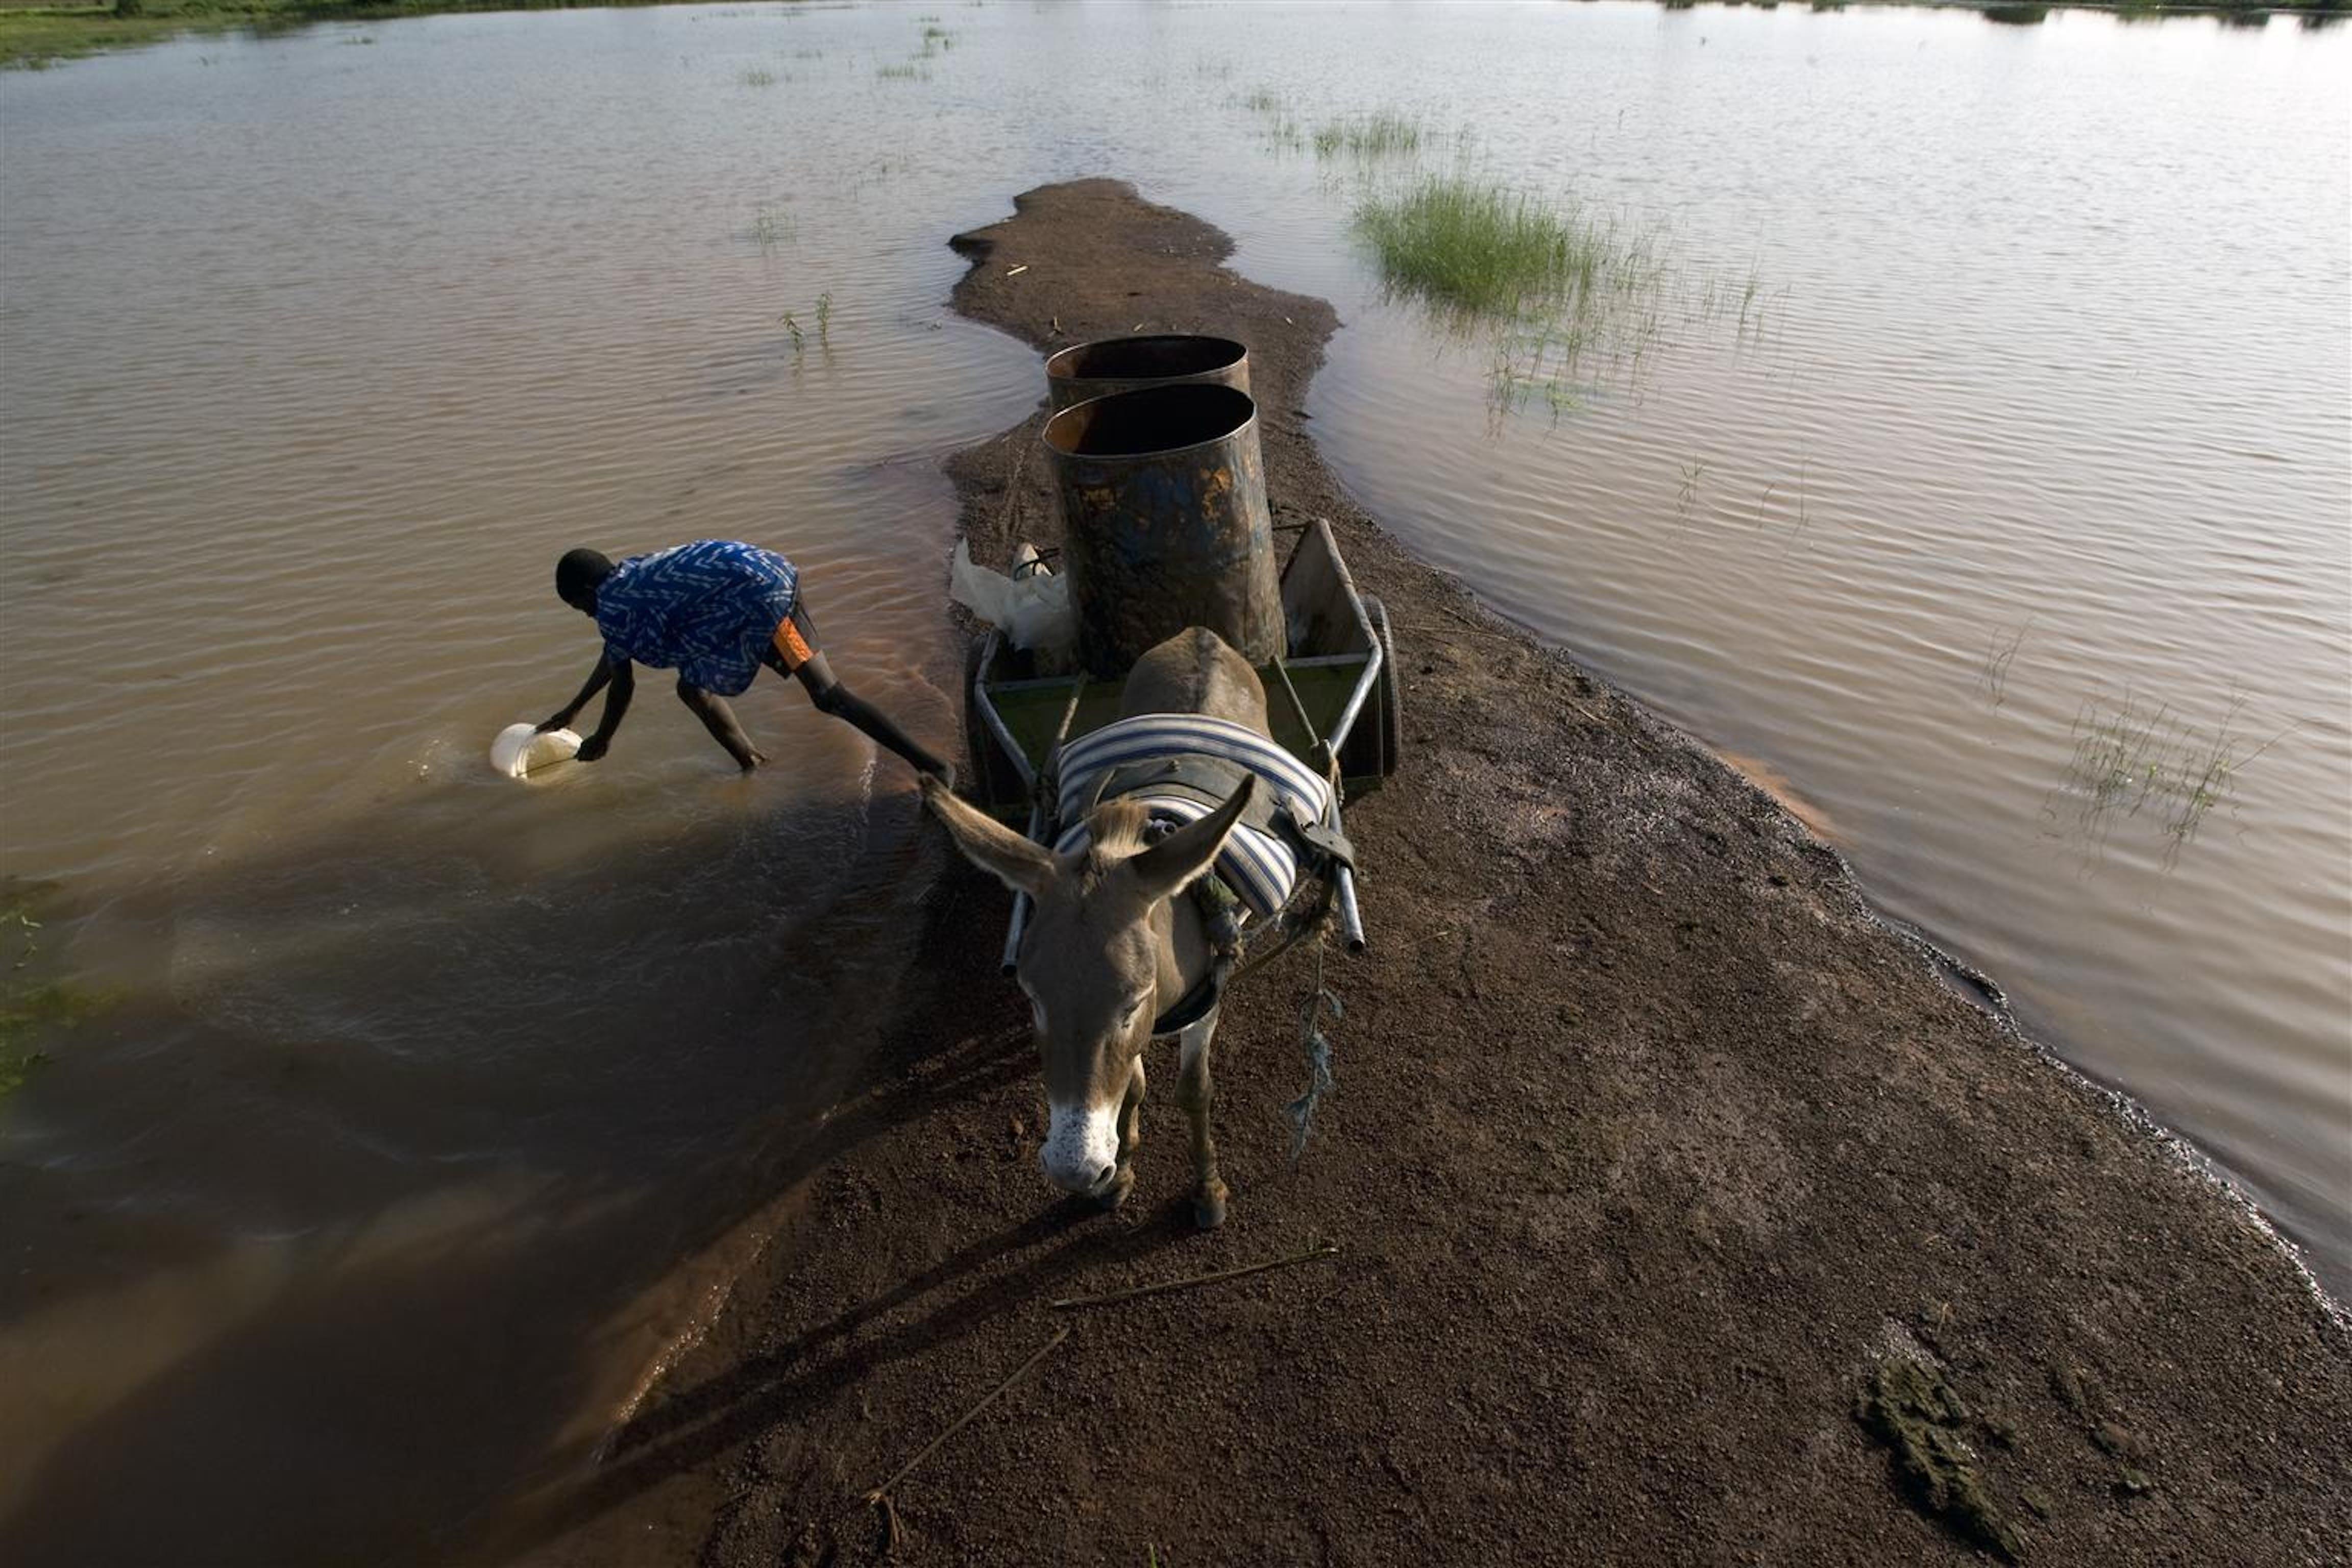 Un ragazzino raccoglie acqua da un fiume presso Savelugu, nel nord del Ghana. L'acqua non è potabile ed è contaminata da parassiti, ma sarà venduta nei villaggi vicini - ©UNICEF/NYHQ2008-0865/O.Asselin